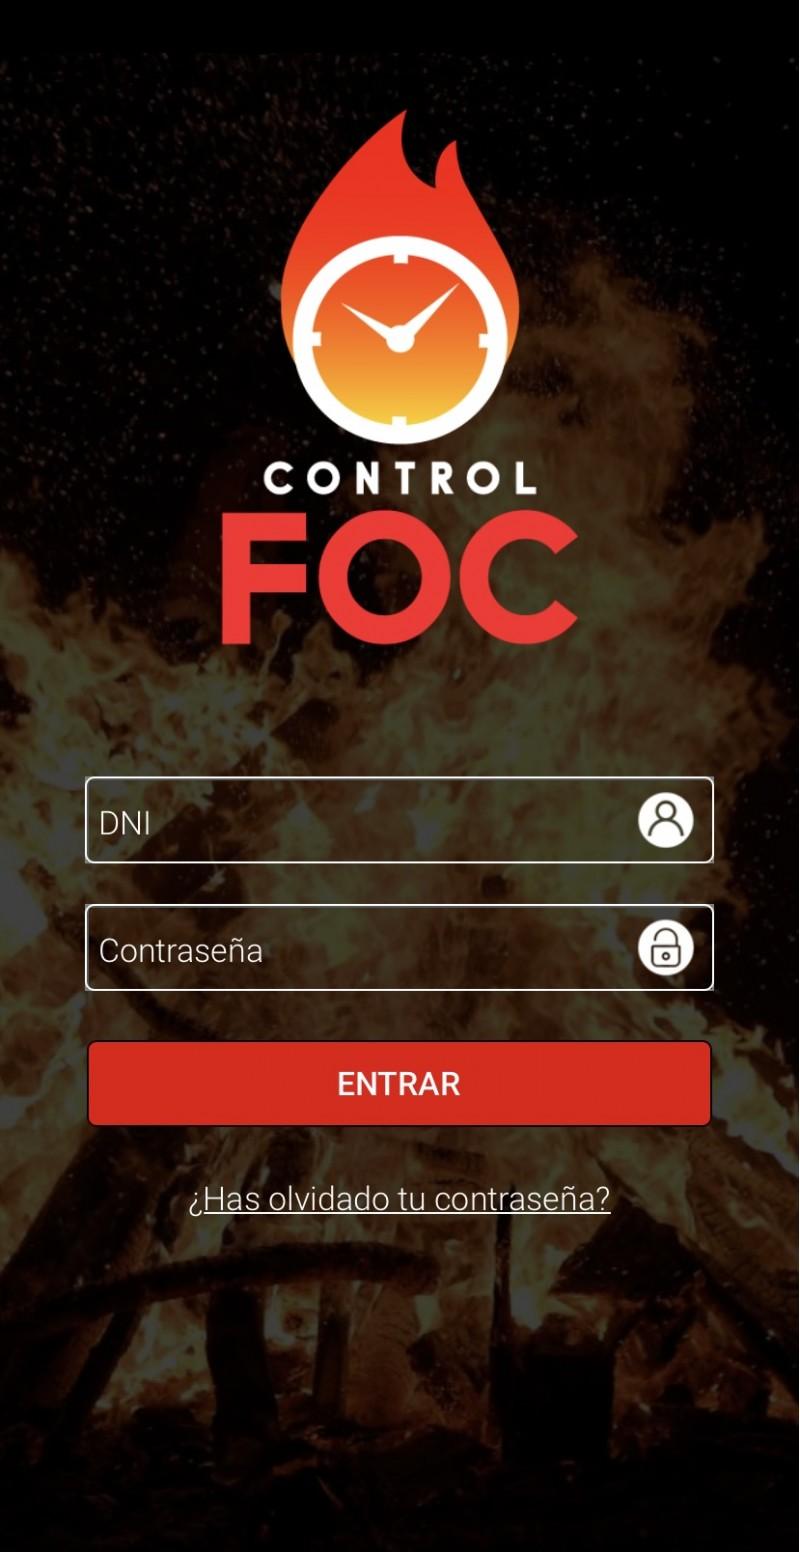 Aplicació Control Foc